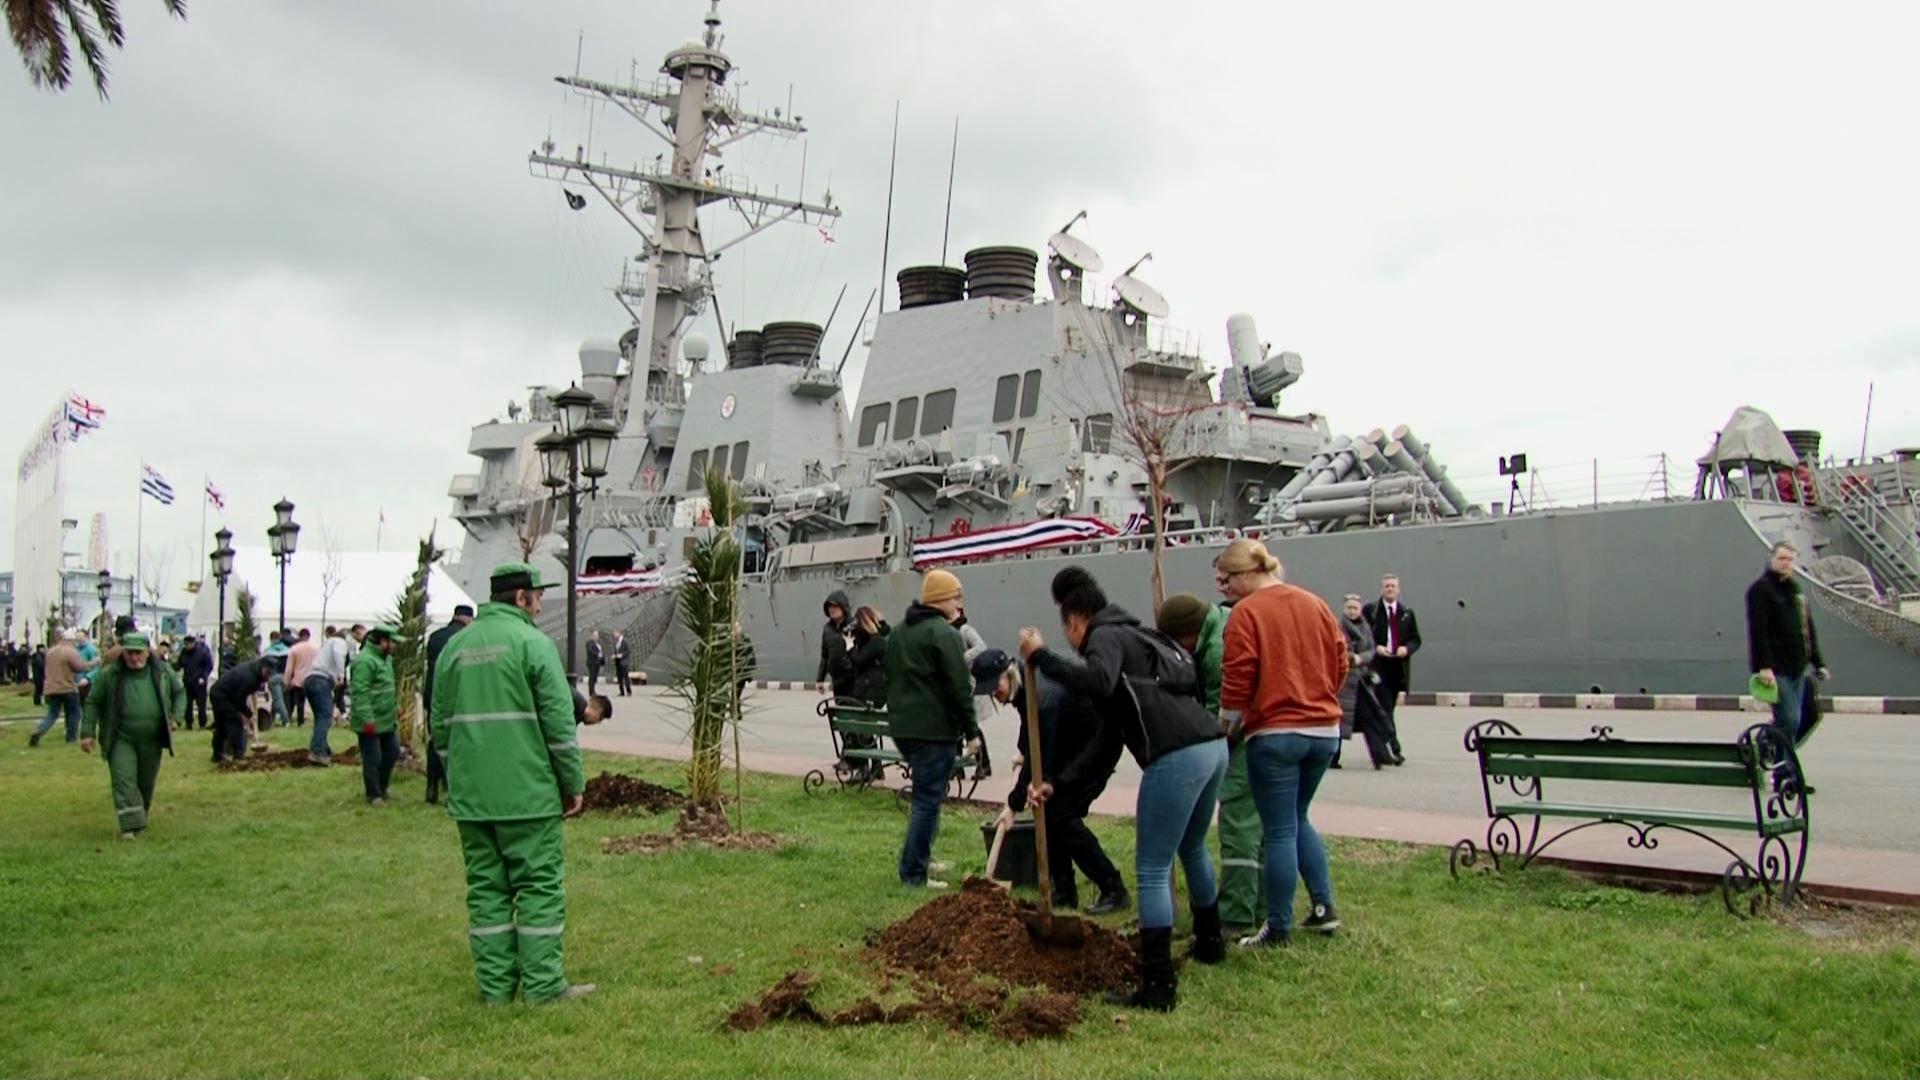 American crew members planted trees in Batumi